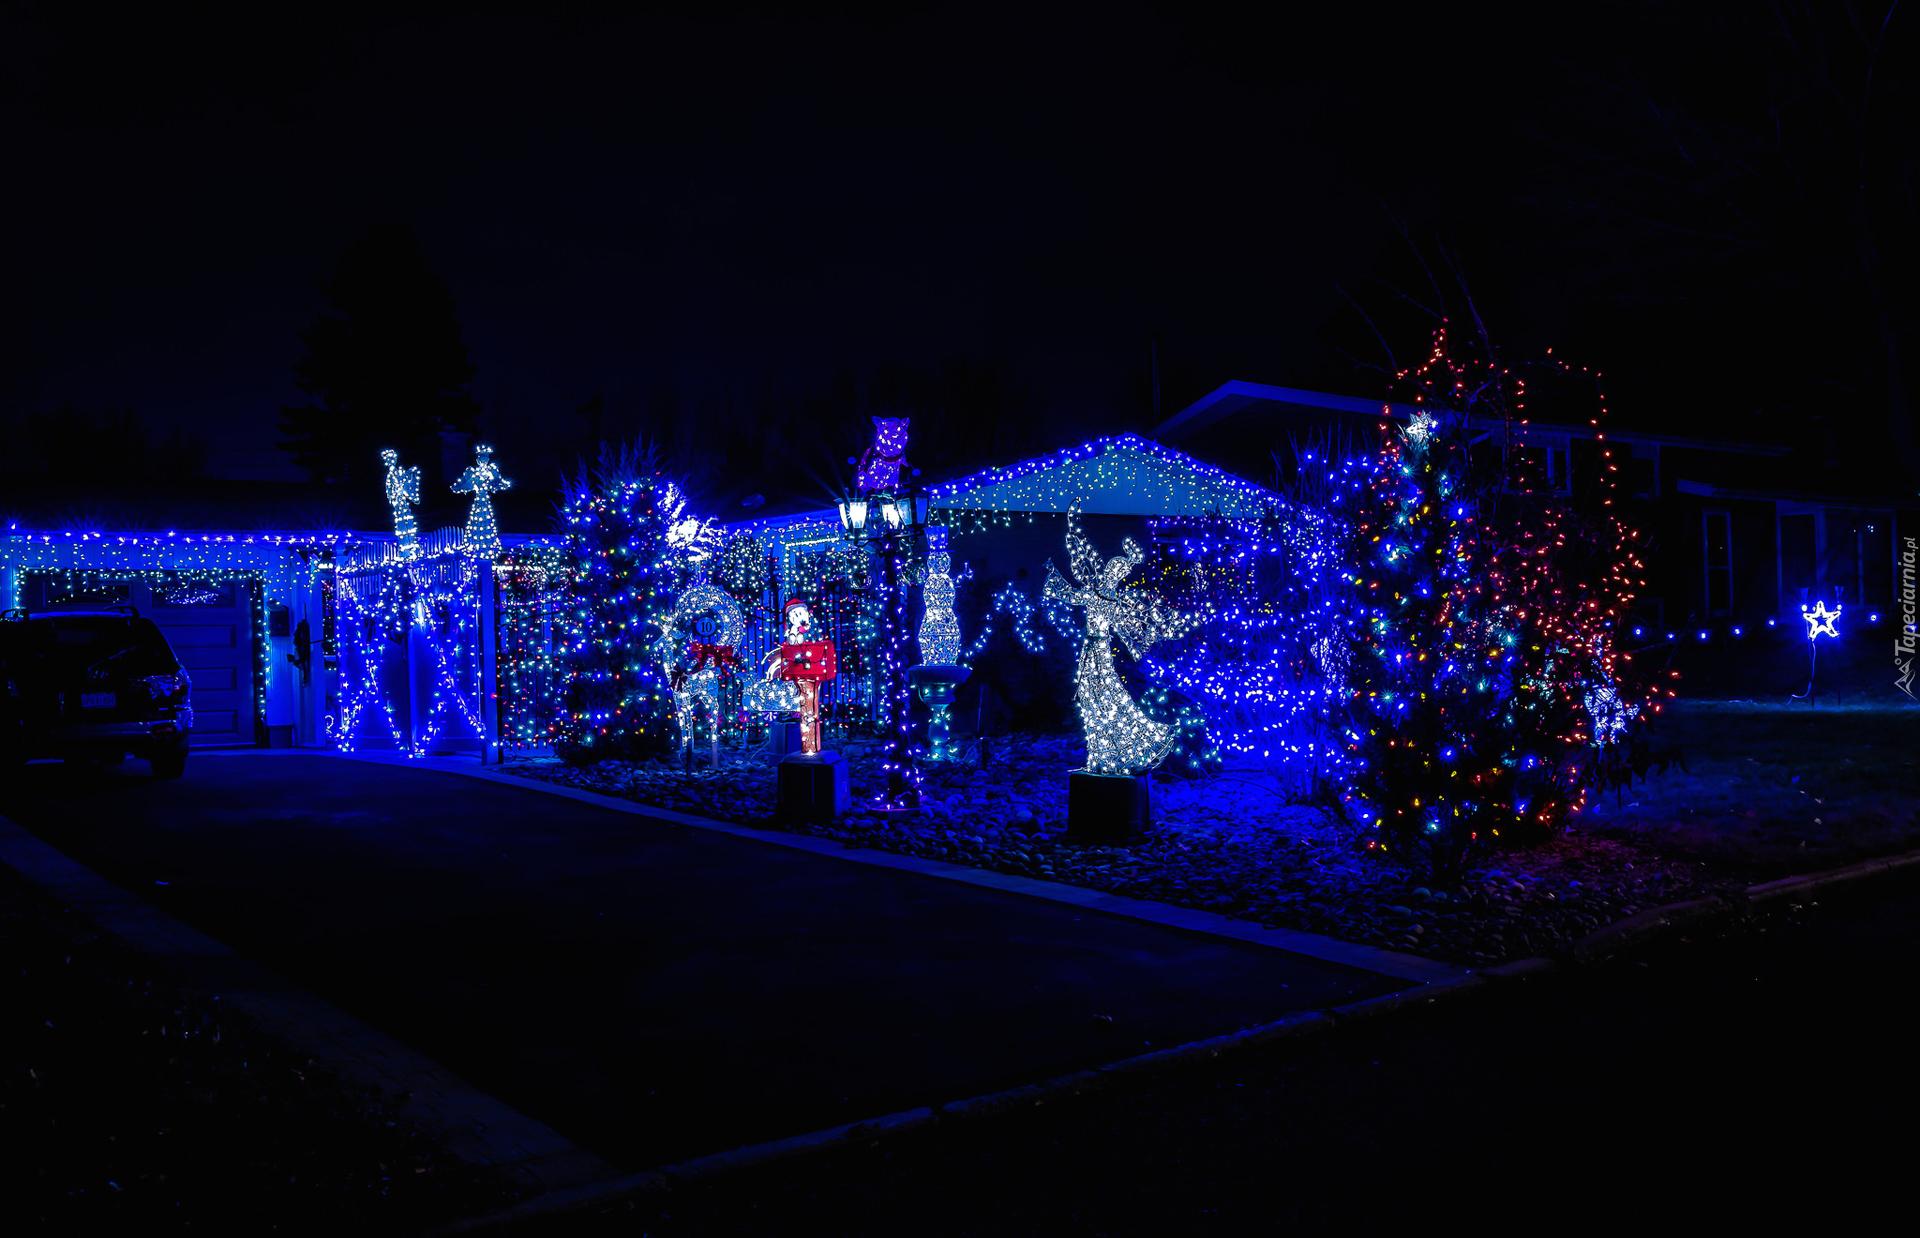 świąteczne światełka Na Drzewach I Budynkach